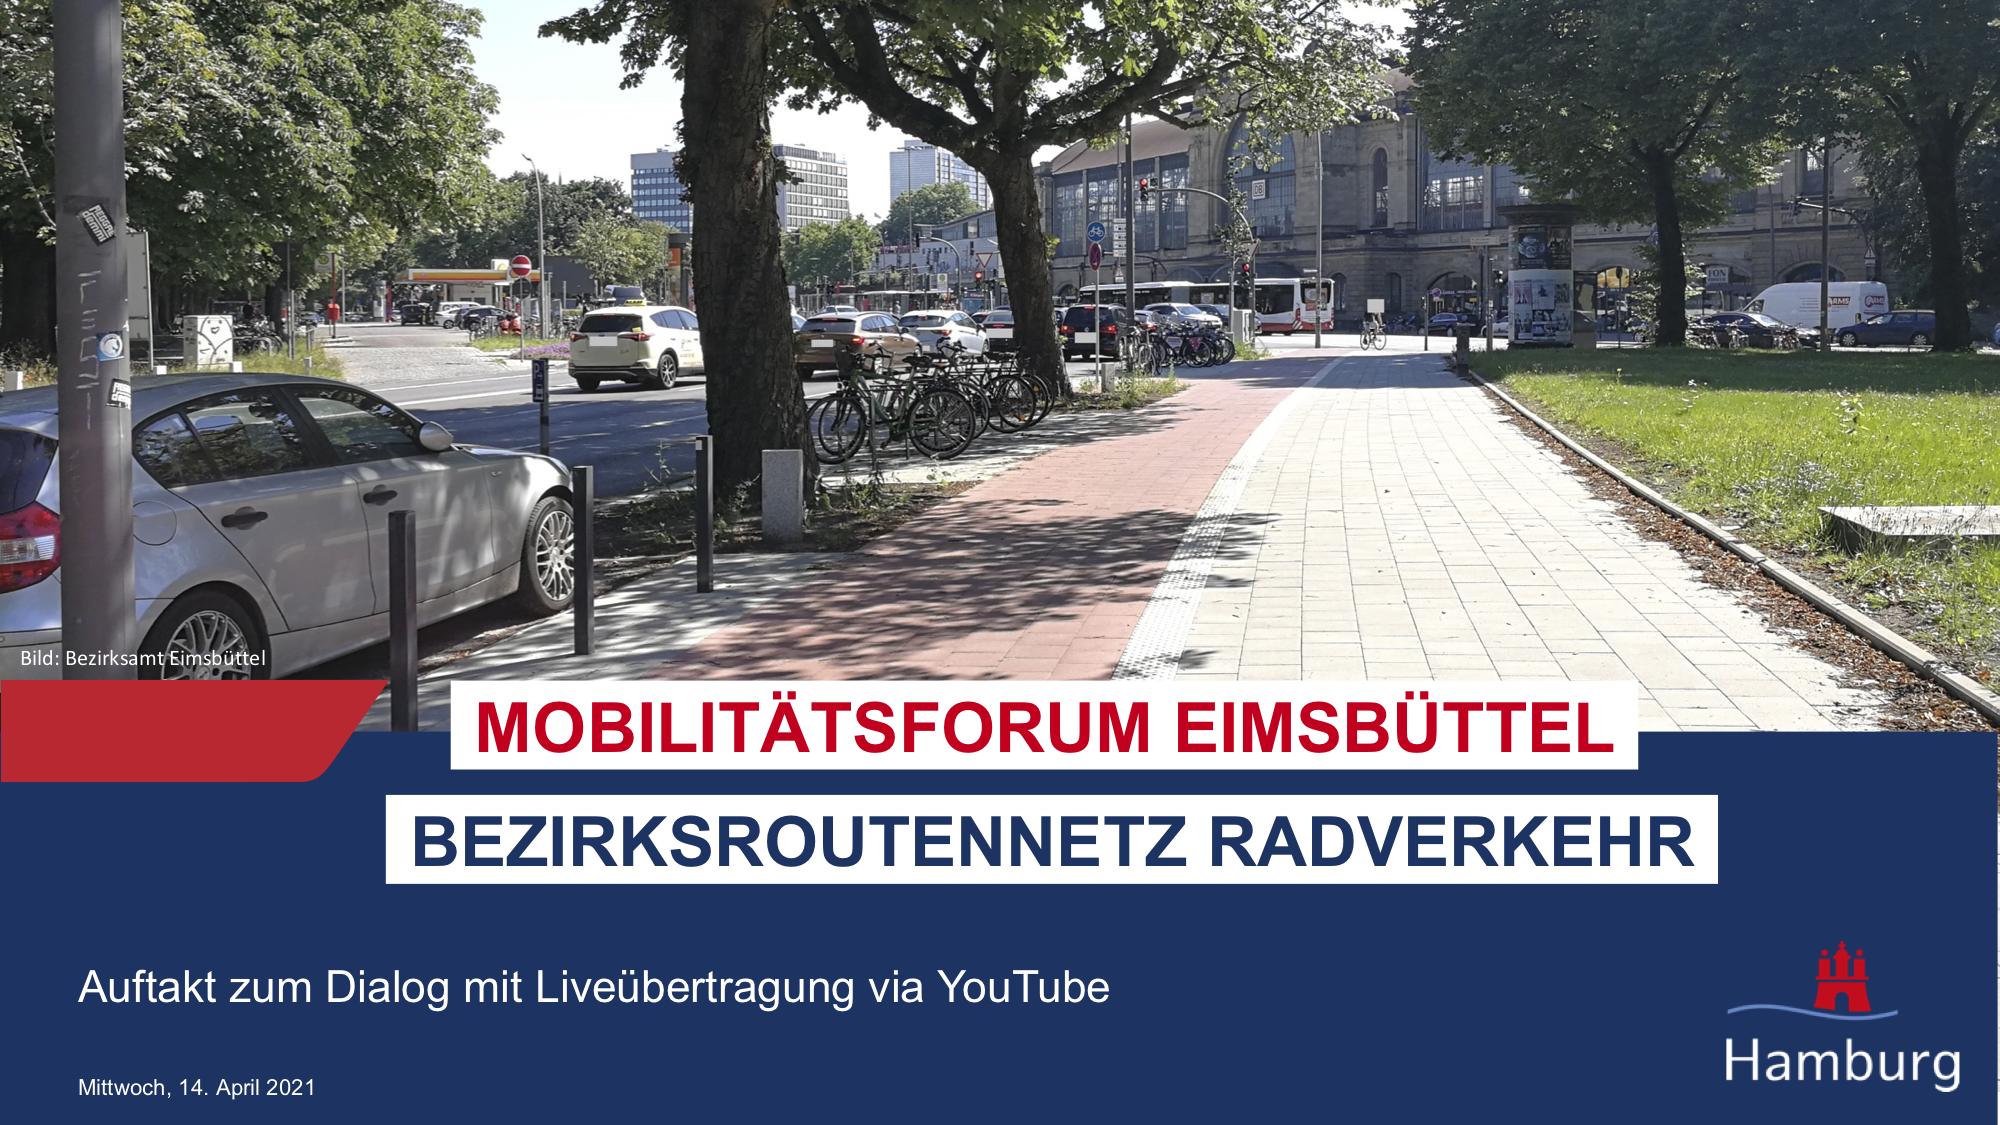 Mobilitätsforum Eimsbüttel: Livestream 14. April